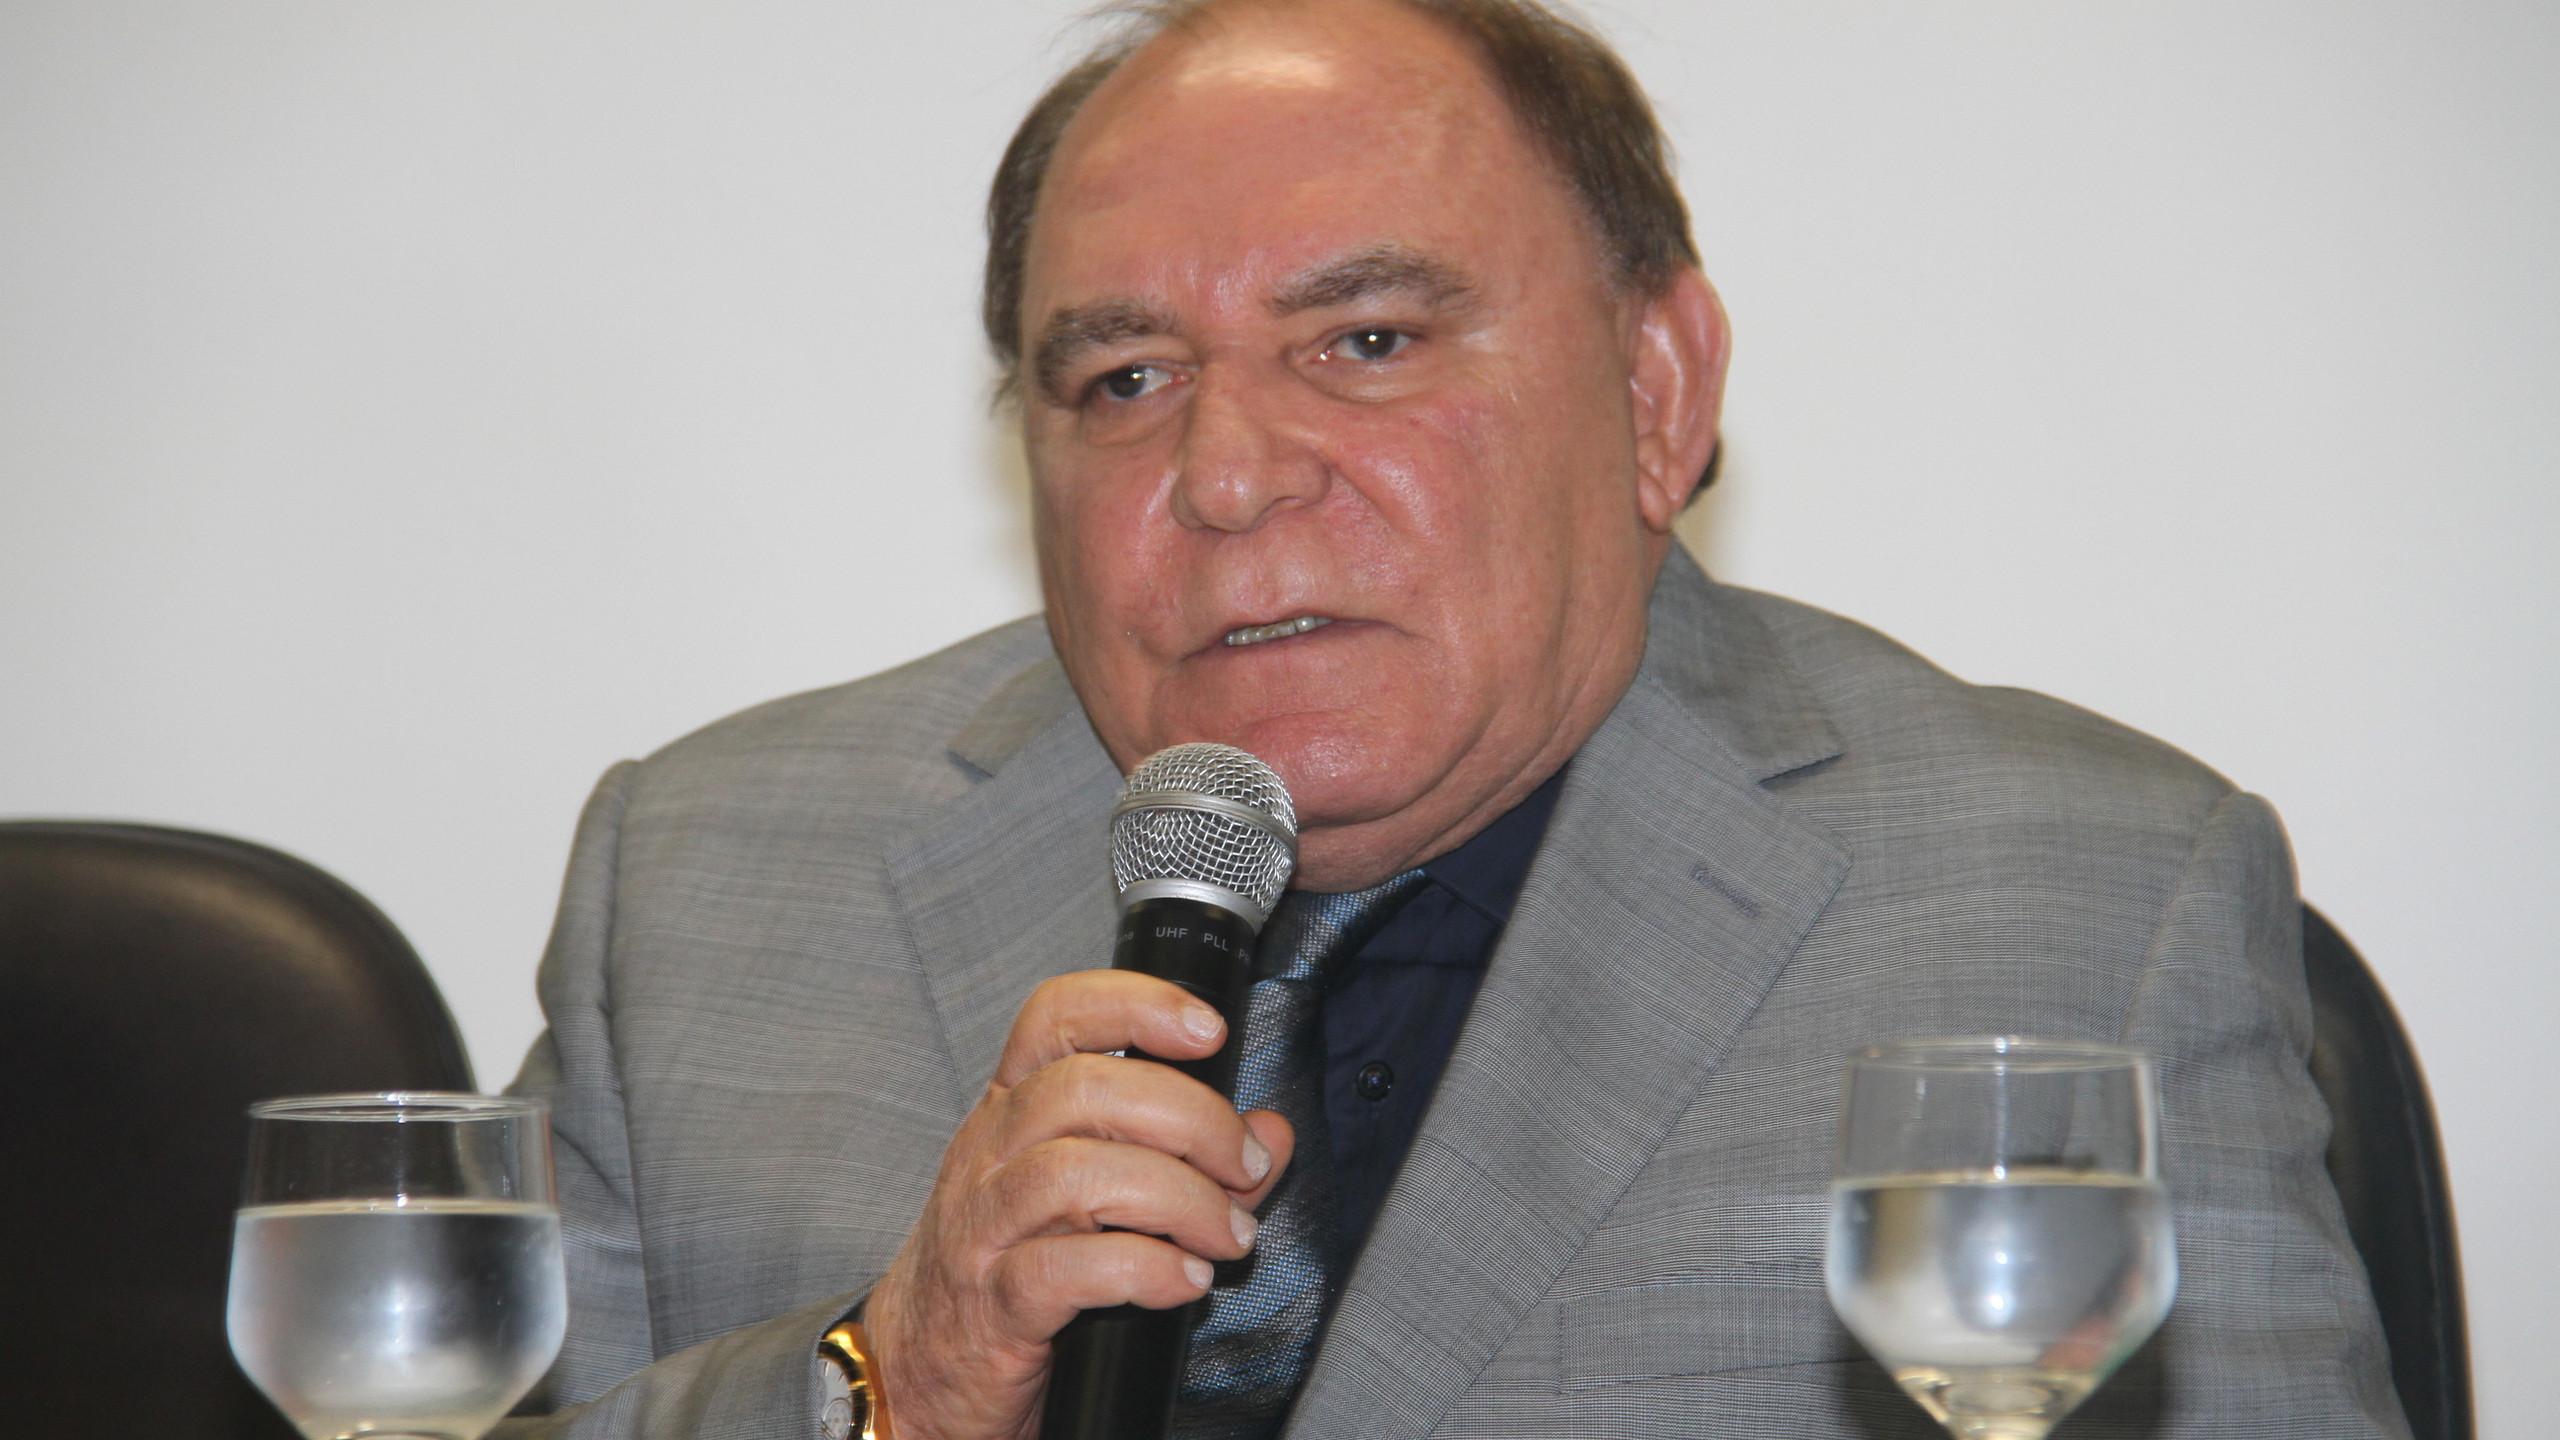 O Pres. do Conselho de Administração do Hospital São Luís Paulo Braide, que reafirmou o foco contínuo na oferta de serviços de excelência aos servidores do estado do Maranhão no HSLZ.